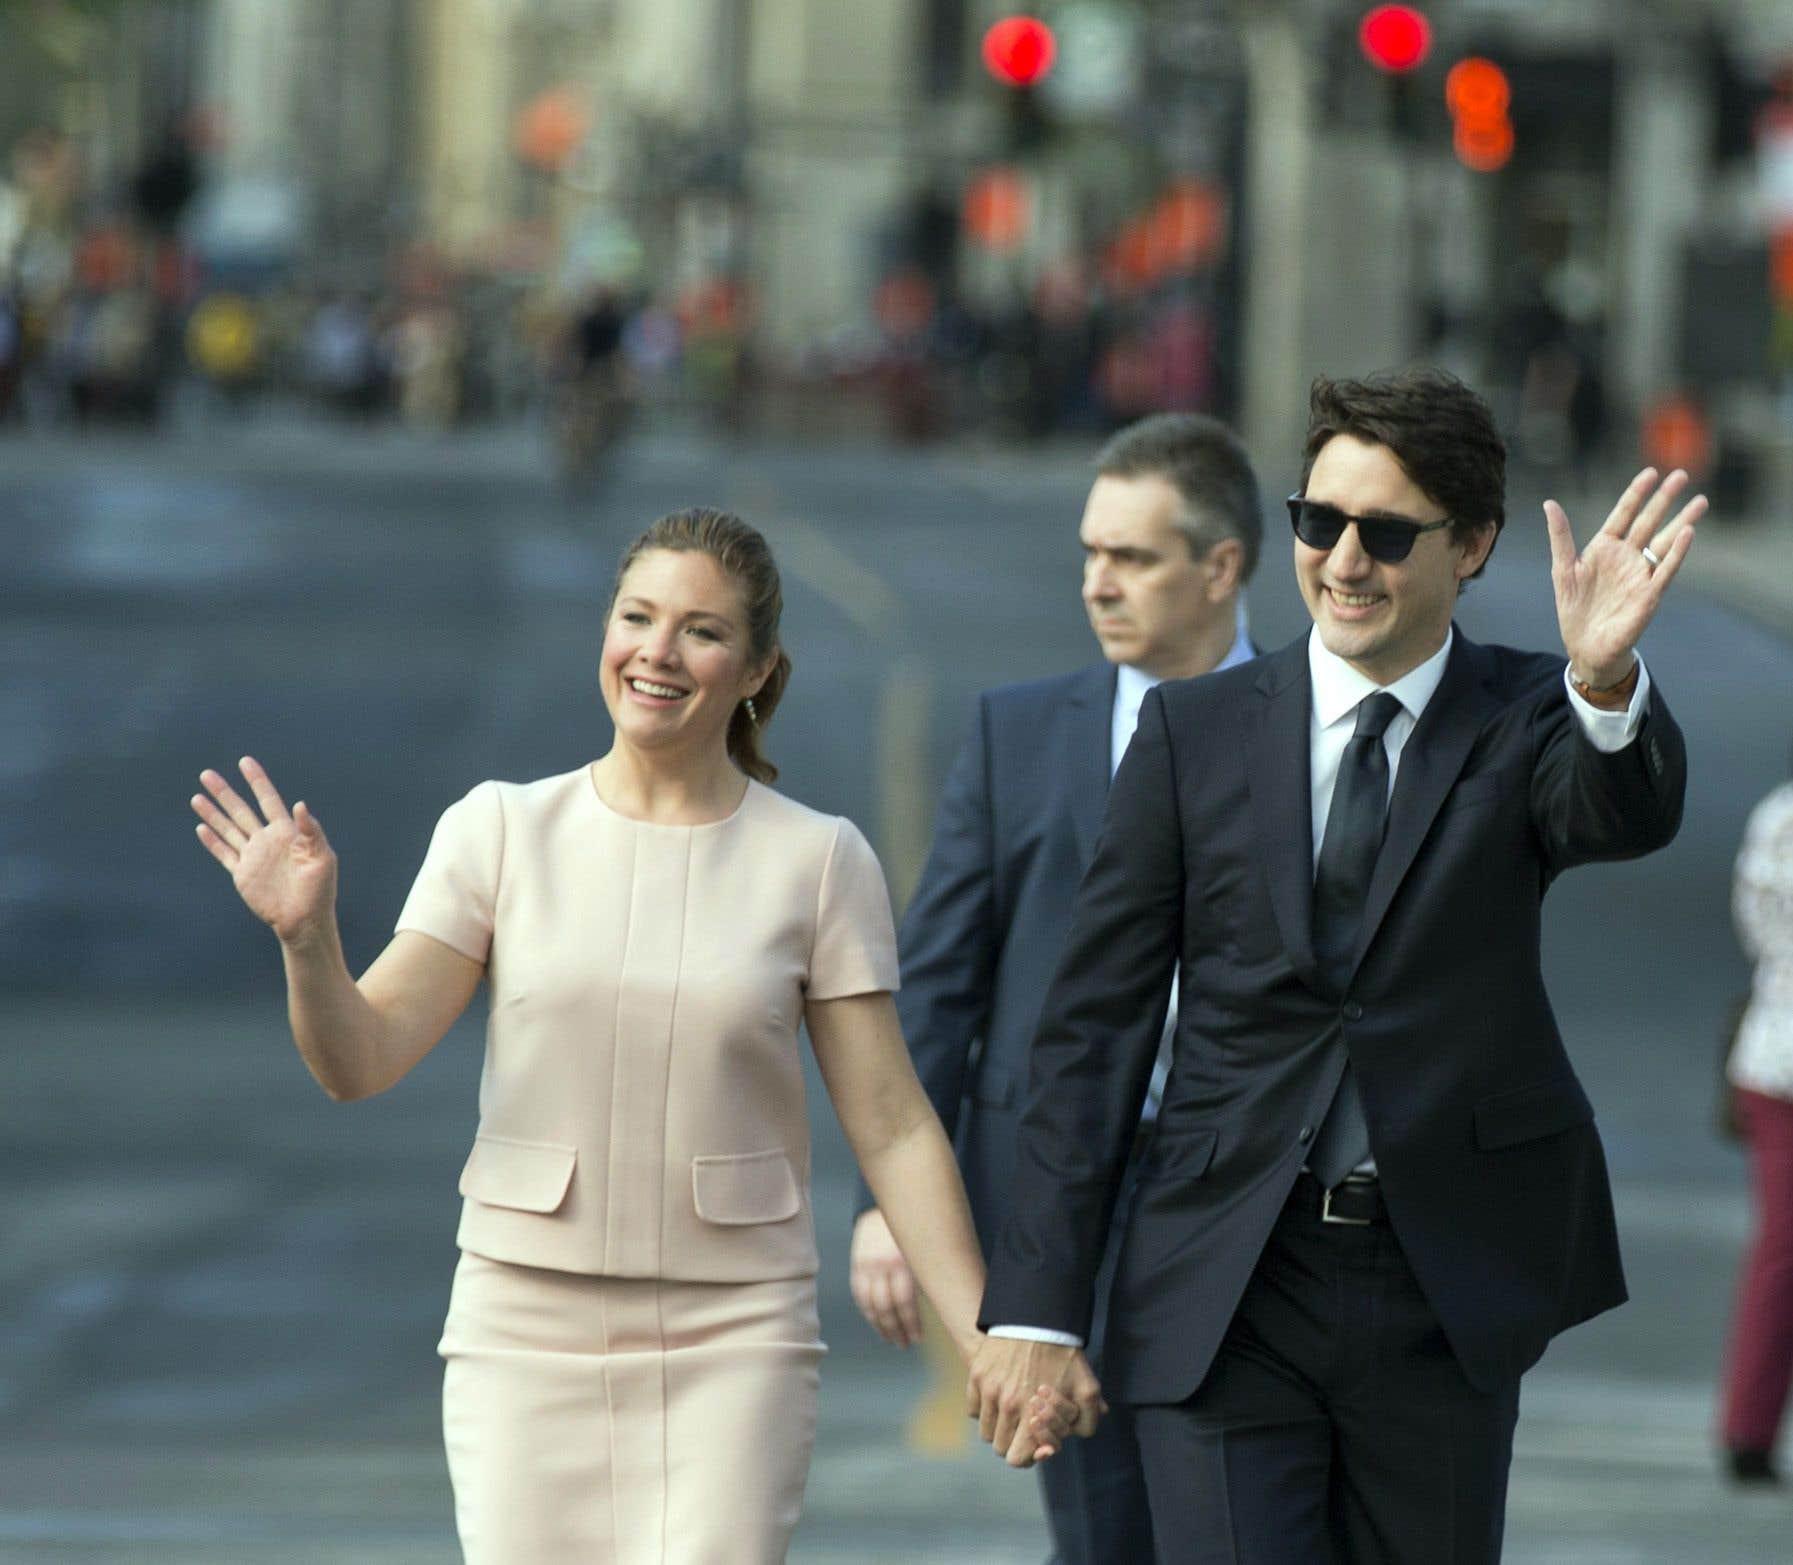 Le premier ministre Justin Trudeau et son épouse, Sophie Grégoire, ont lancé des «Bonne fête» aux Montréalais venus assister aux festivités mercredi.